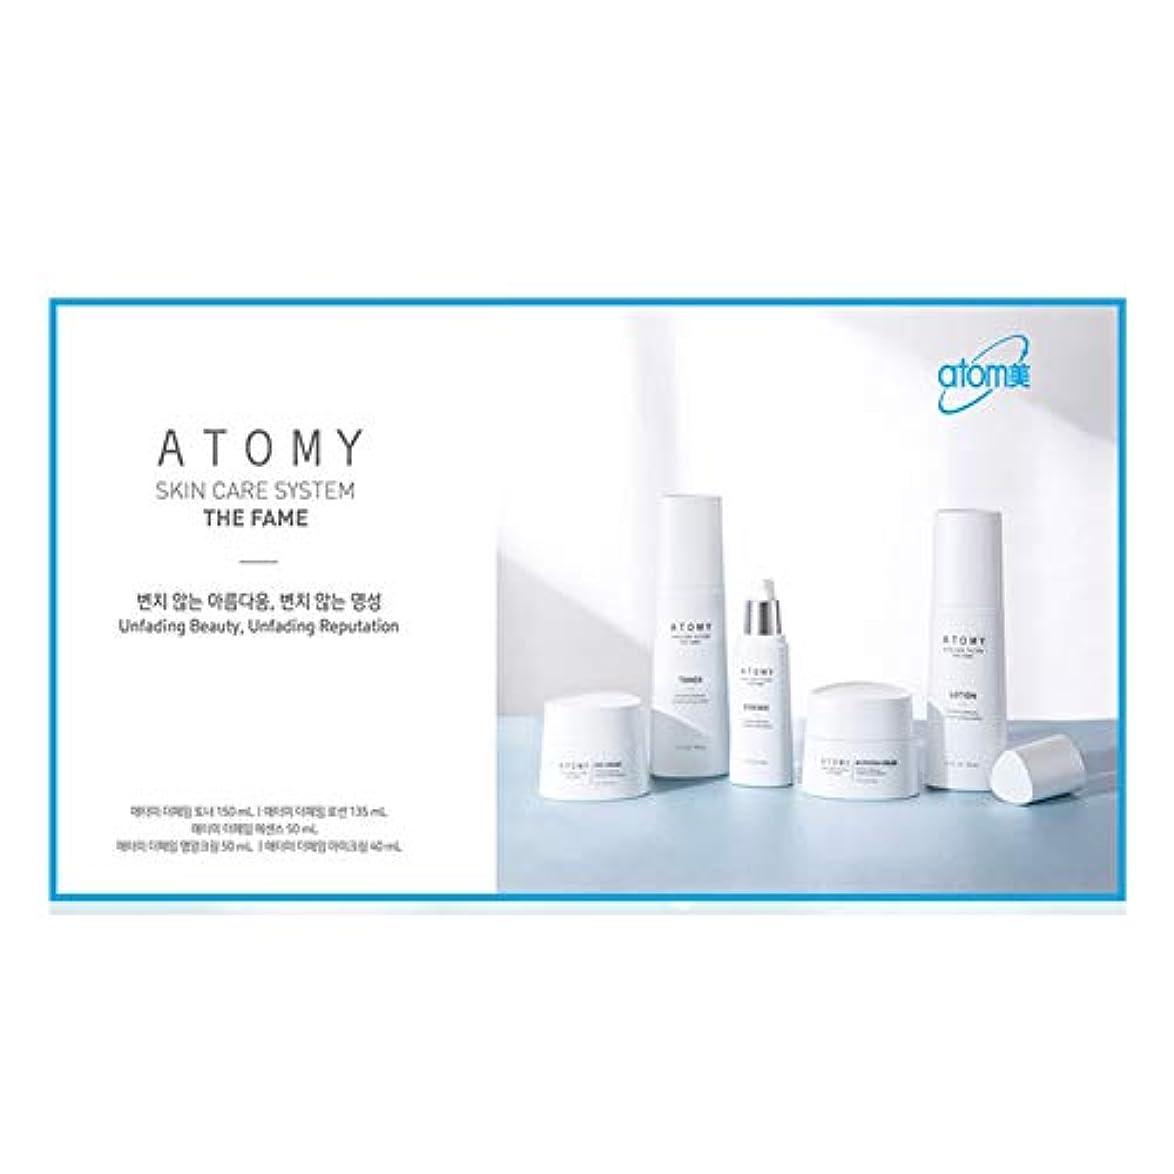 ホップ思われる郵便アトミザ?フェームエッセンス50ml韓国コスメ、Atomy The Fame Essence 50ml Korean Cosmetics [並行輸入品]